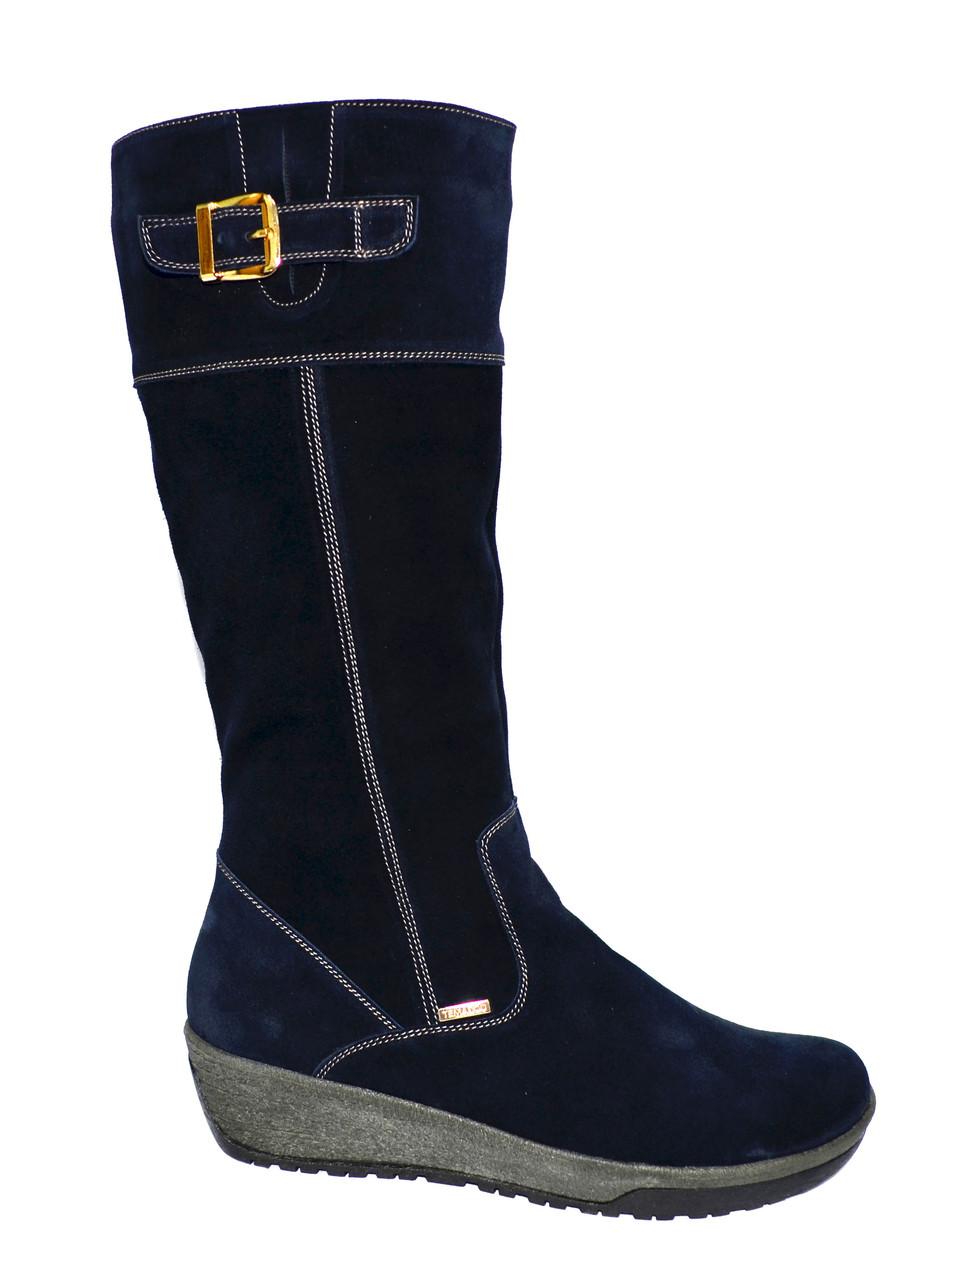 Женские синие замшевые сапоги на невысокой платформе.